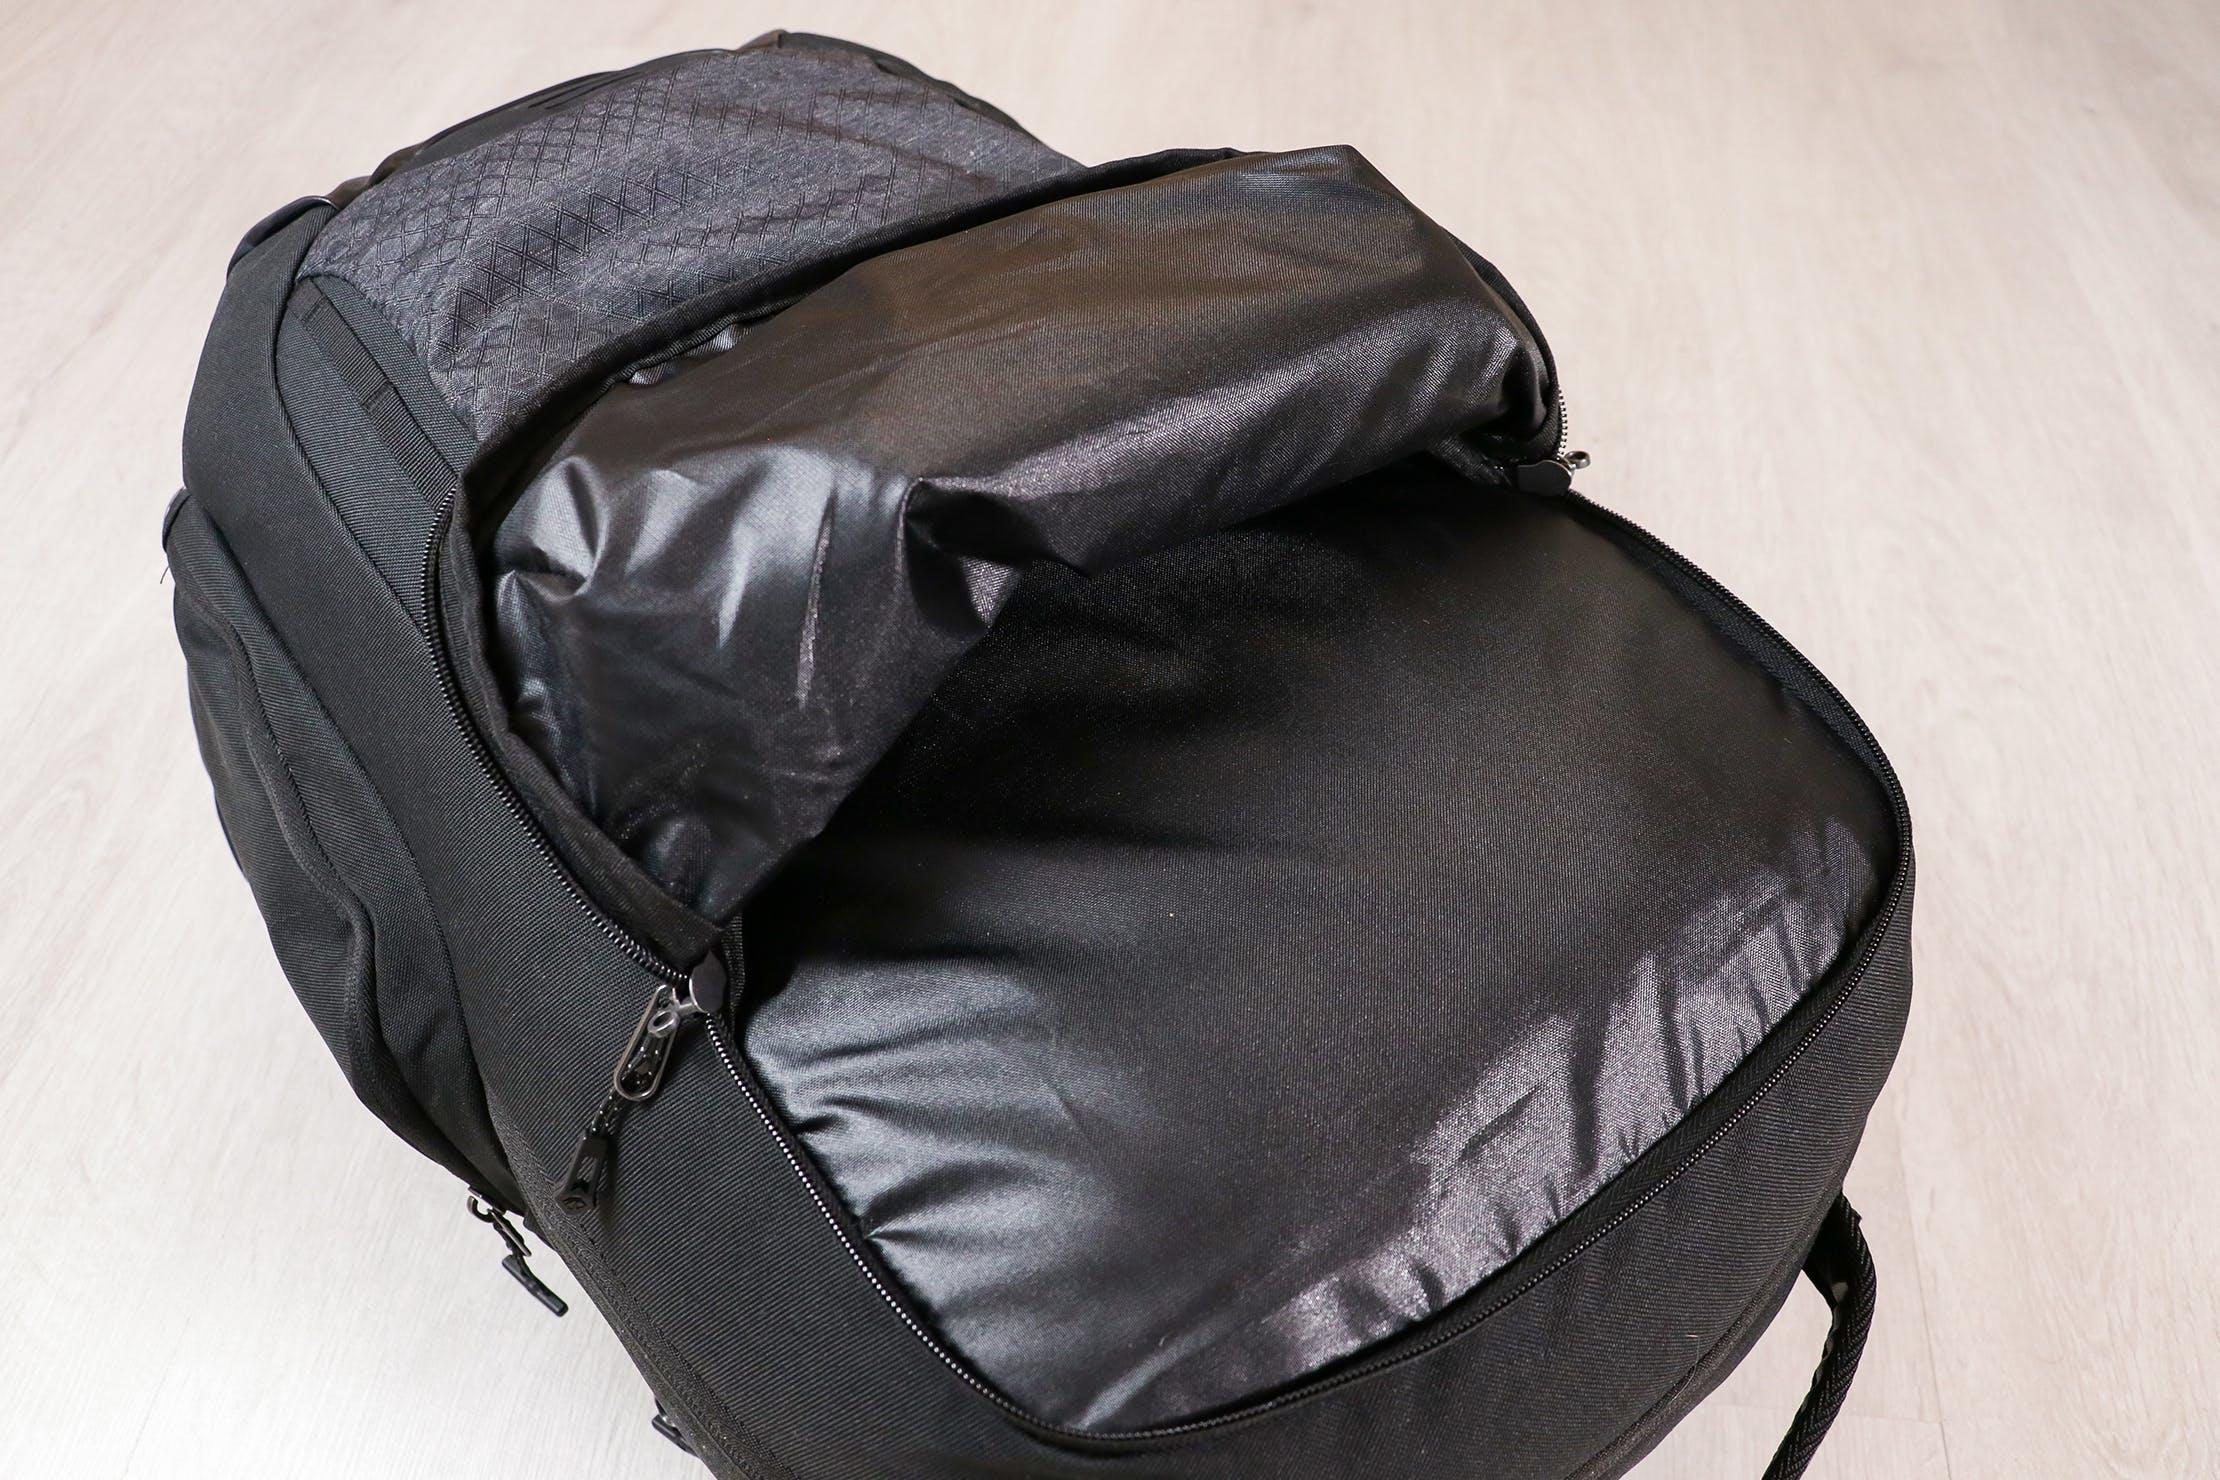 Eagle Creek Wayfinder Backpack 40L Front Compartment